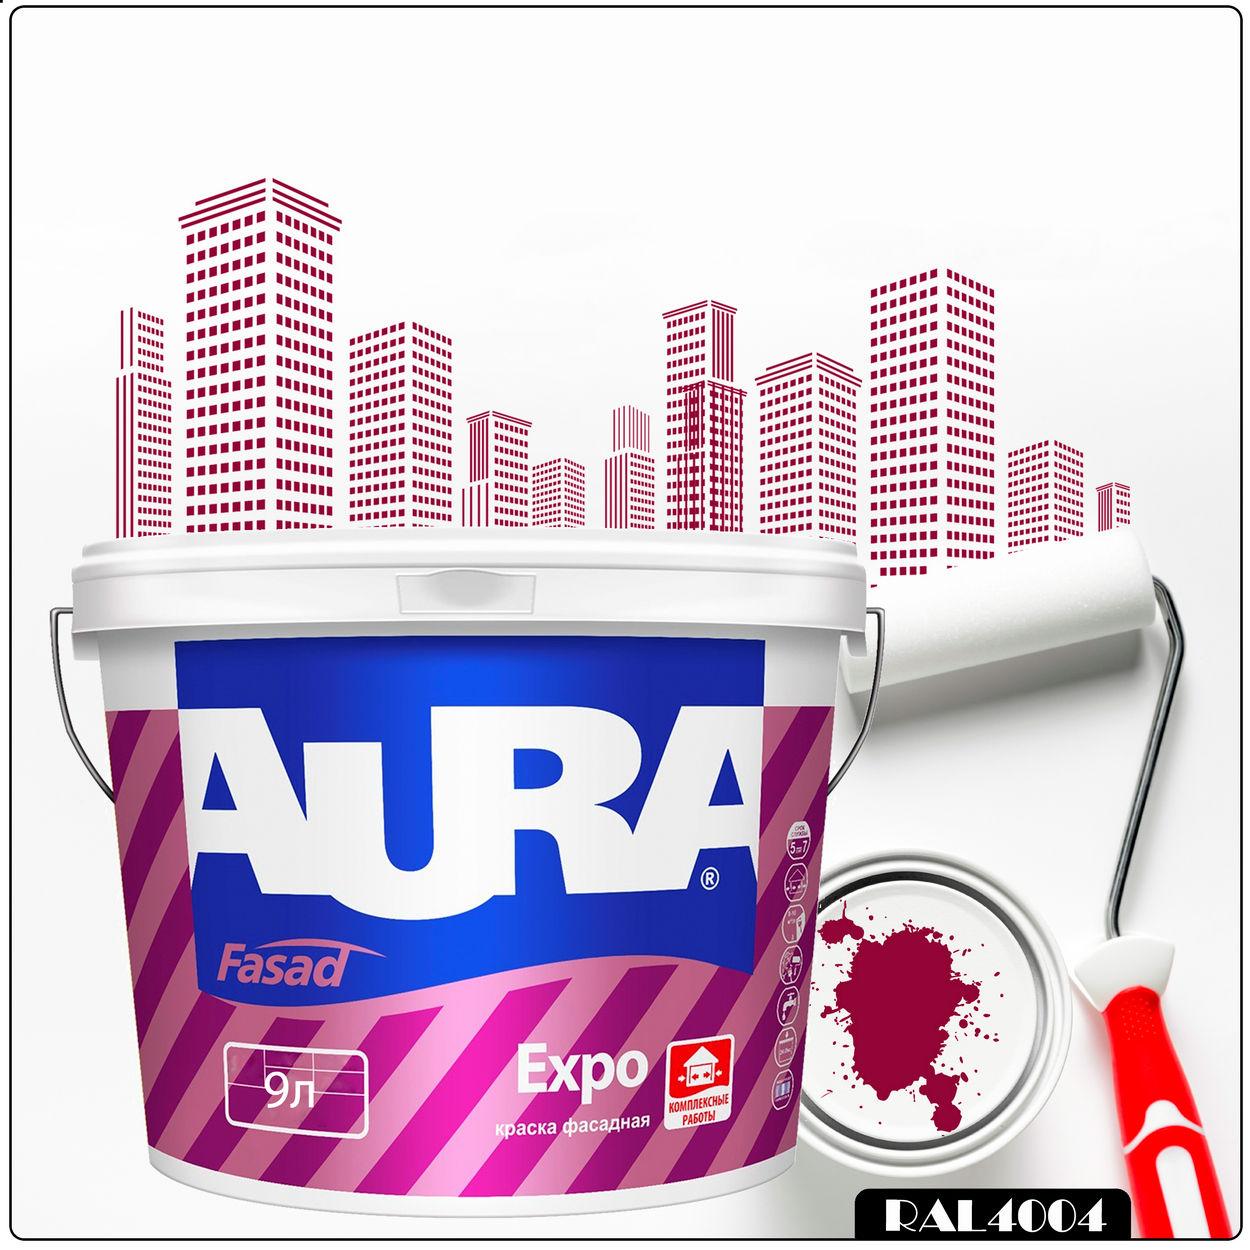 Фото 4 - Краска Aura Fasad Expo, RAL 4004 Бордово-фиолетовый, матовая, для фасадов и помещений с повышенной влажностью, 9л.